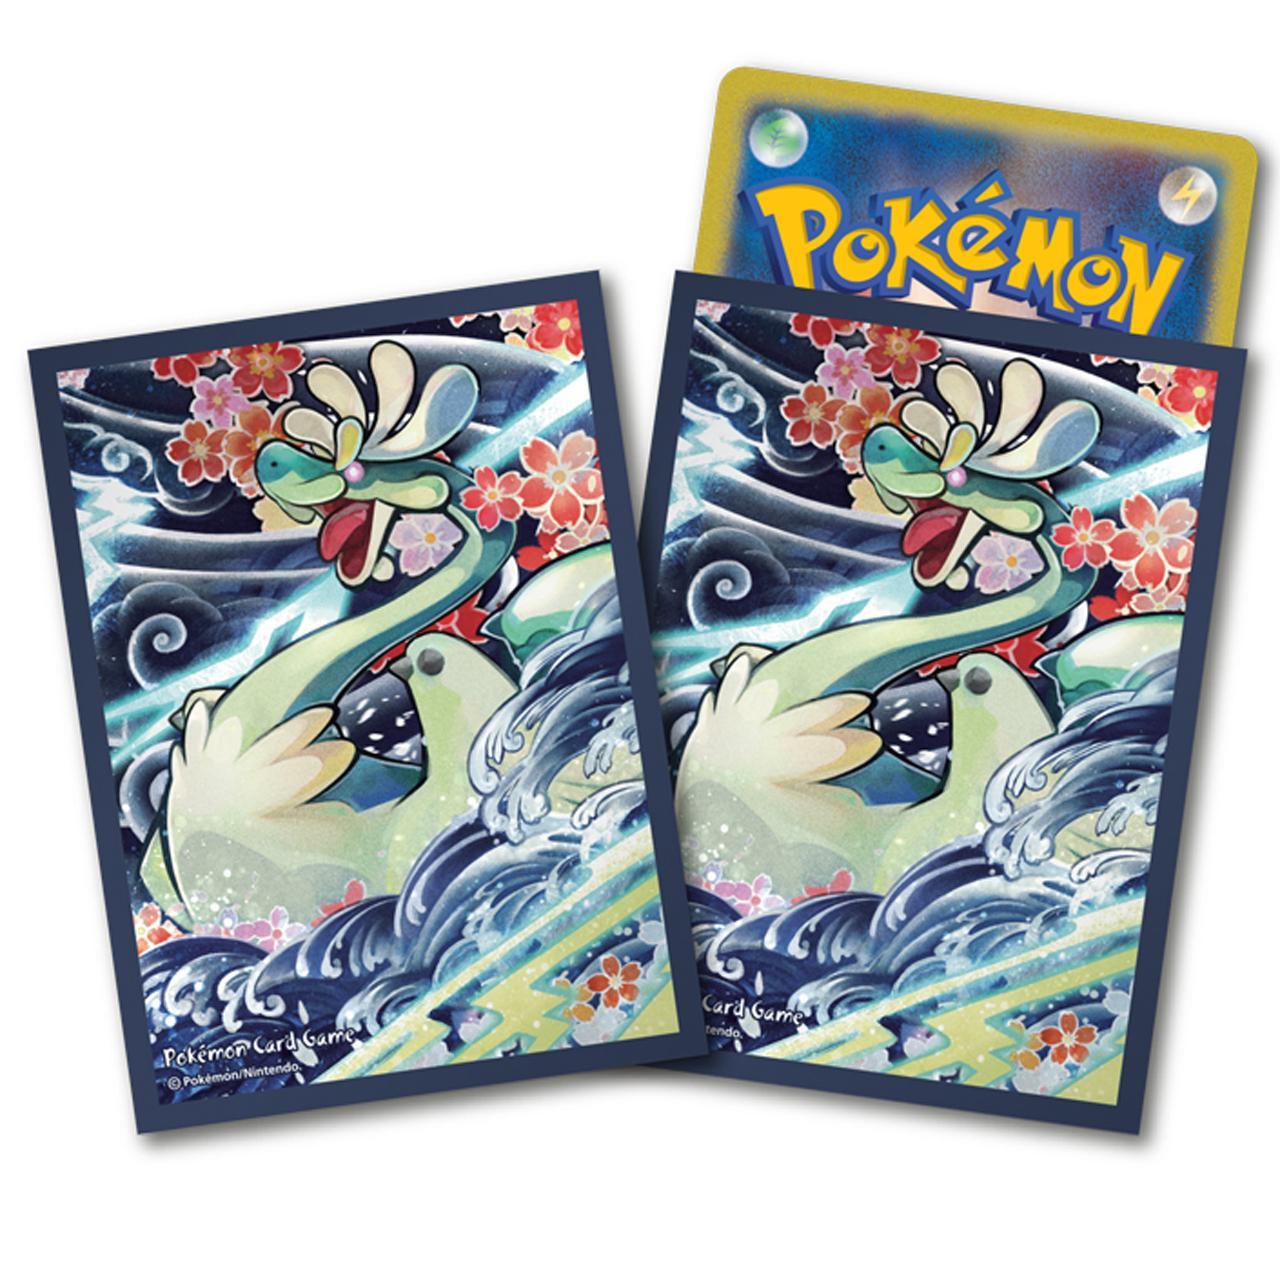 ポケモン カード デッキ シールド Amazon.co.jp: ポケモンカード